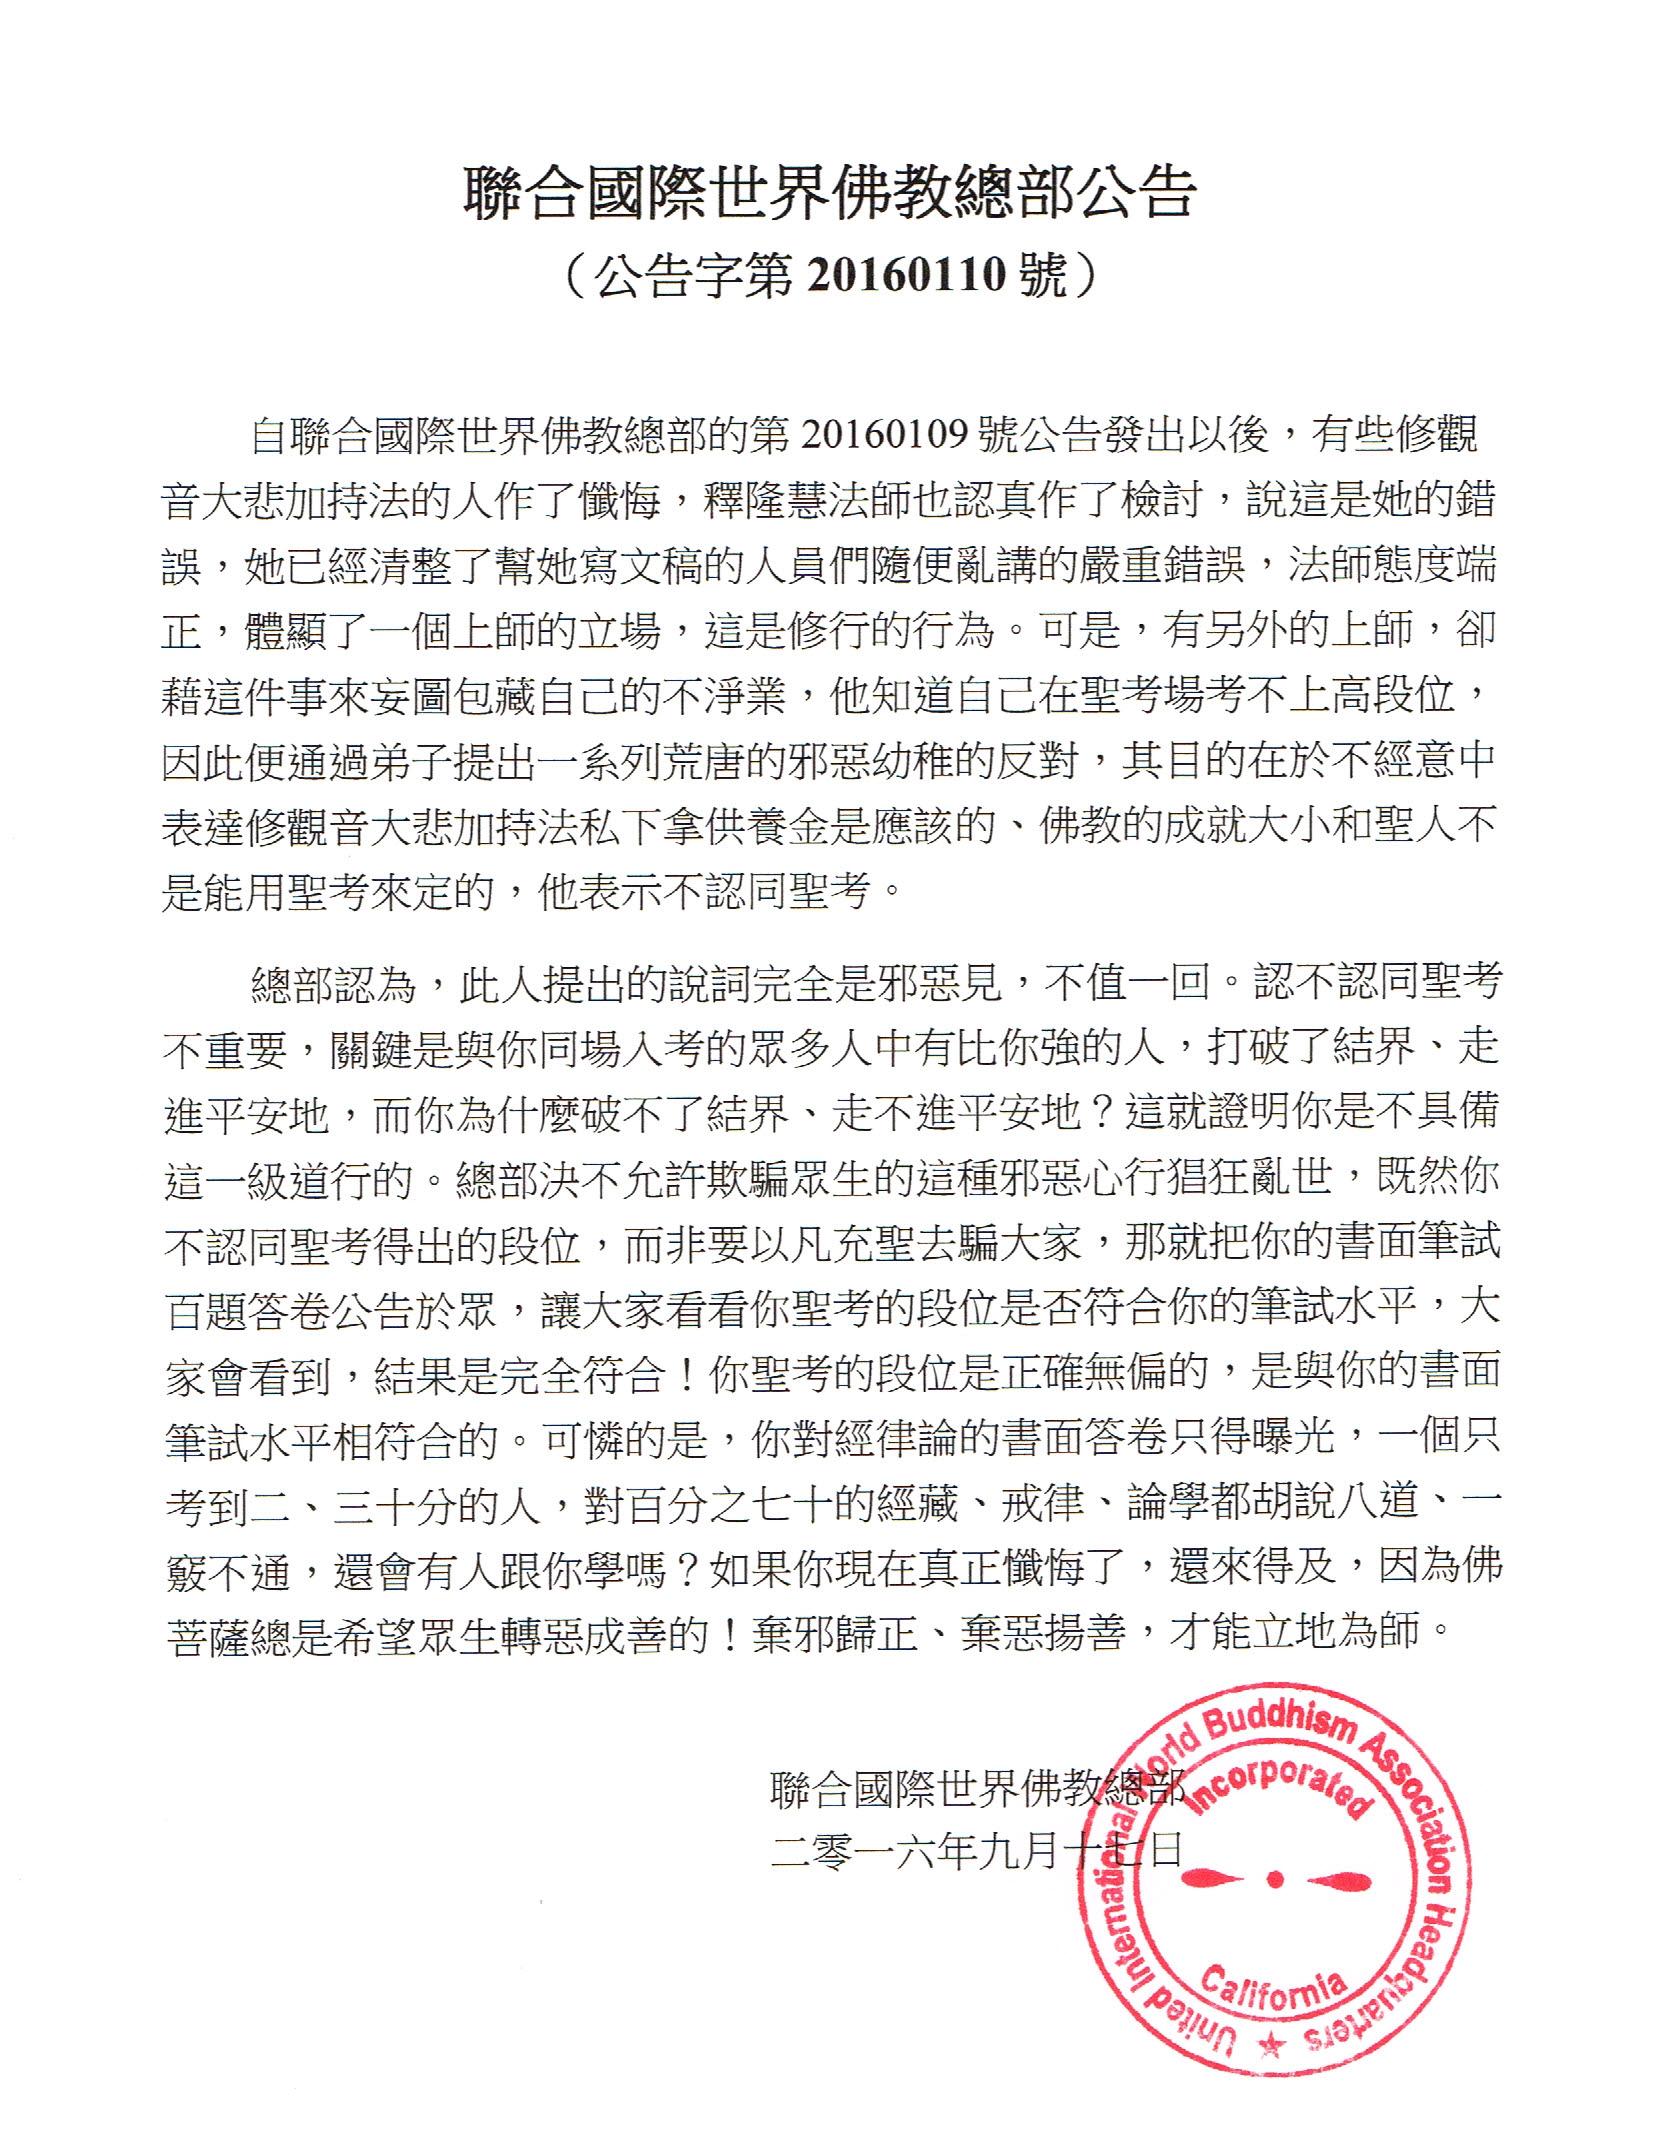 聯合國際世界佛教總部公告(公告字第20160110號)